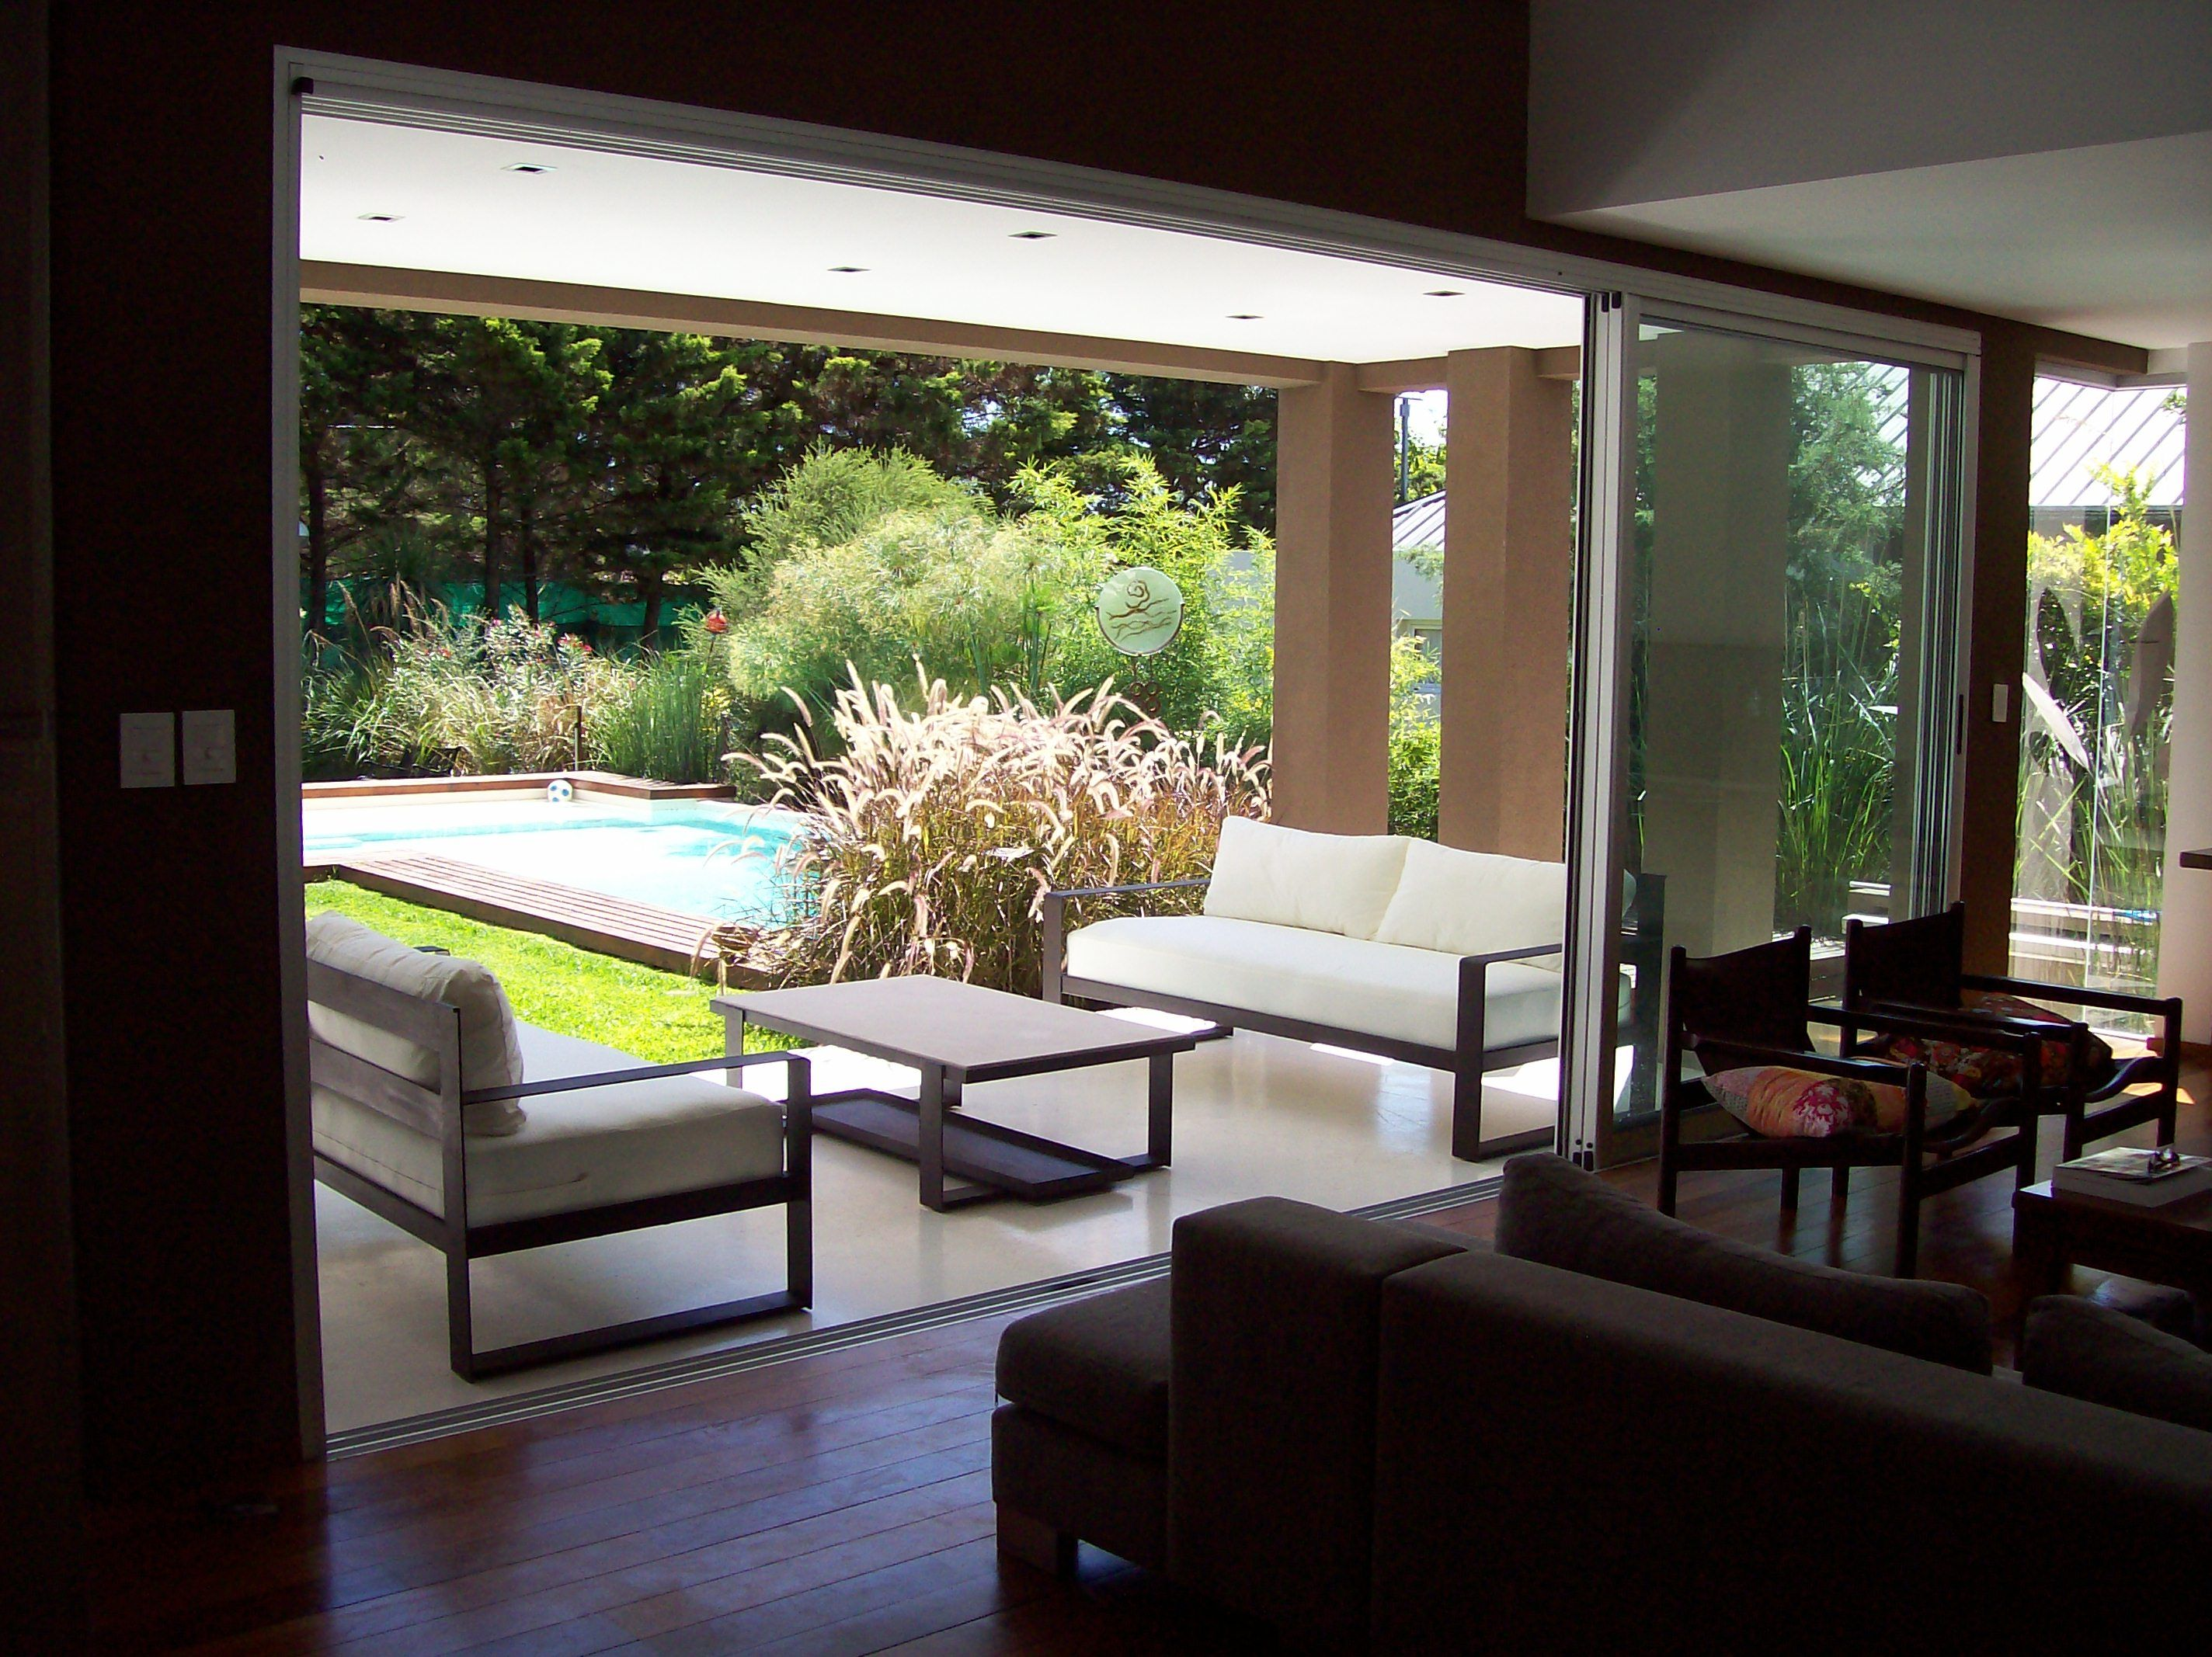 Muebles de exterior en hierro para jardin muebles de for Casa muebles de jardin